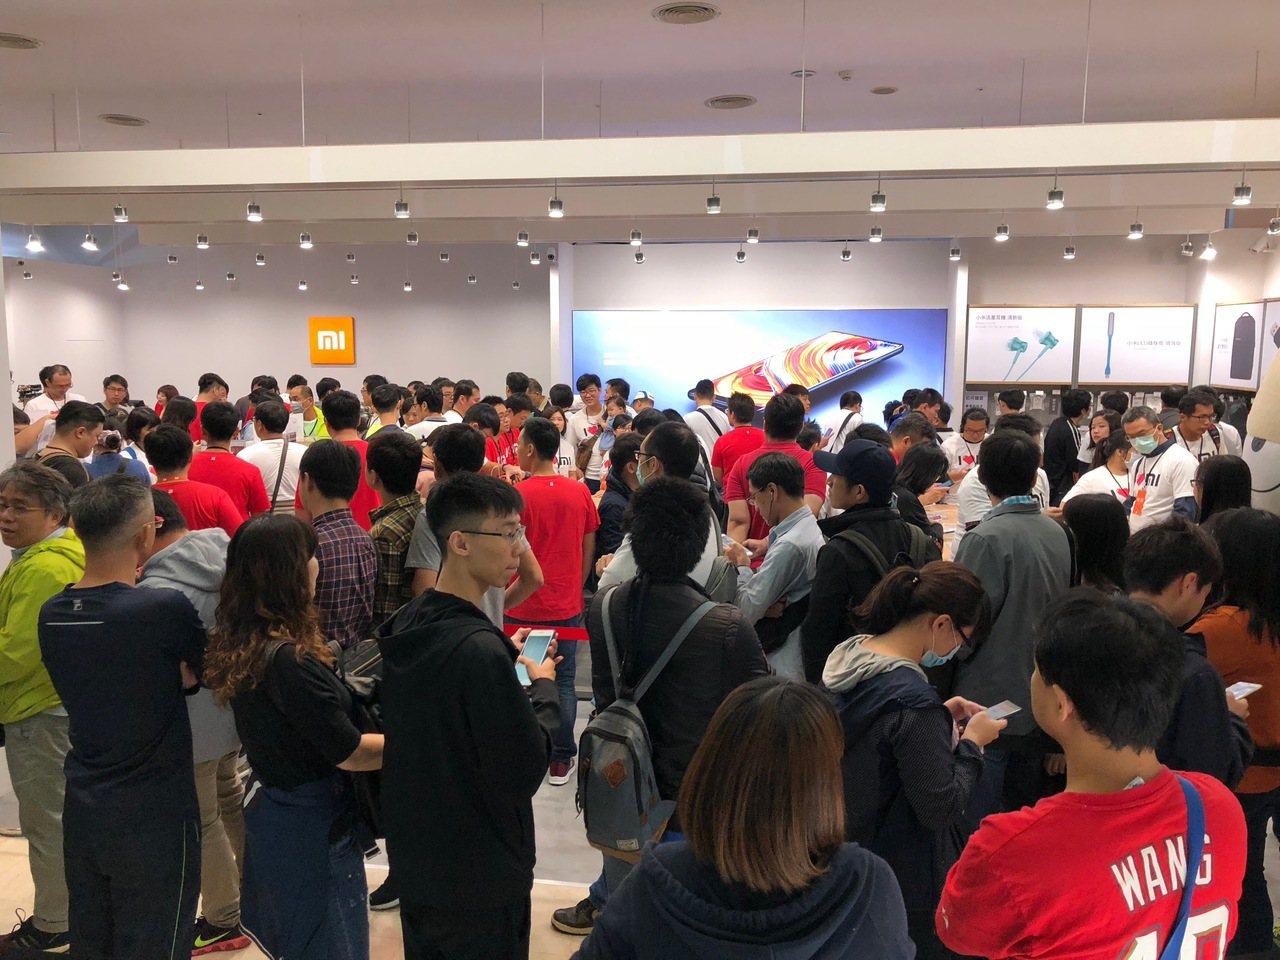 小米台南Focus專賣店,一開幕就湧入大批採購人潮。圖/記者黃筱晴